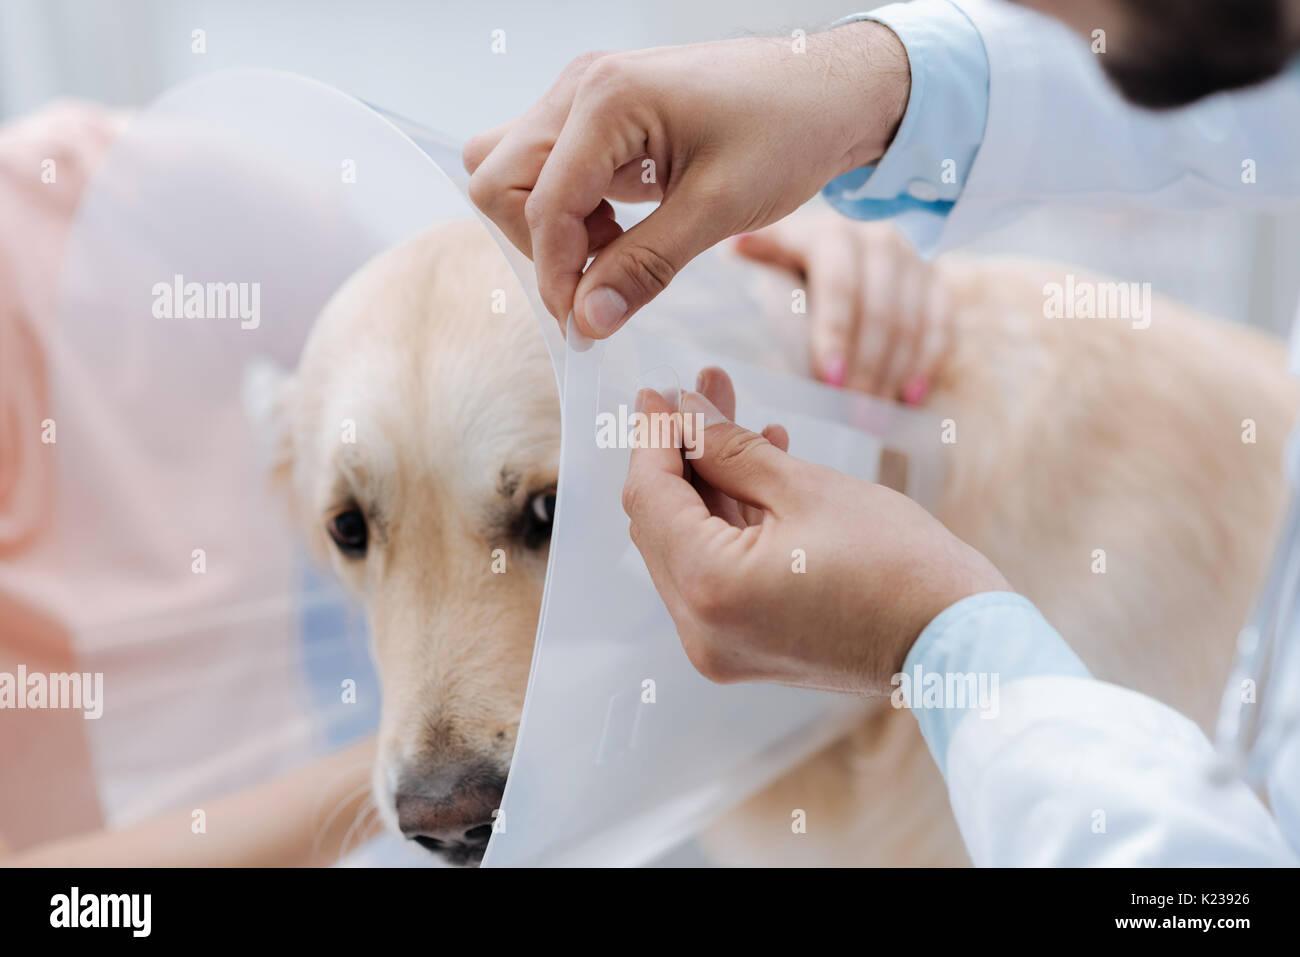 Close up de mains d'hommes que le port d'arrêt en plastique sur dog Photo Stock